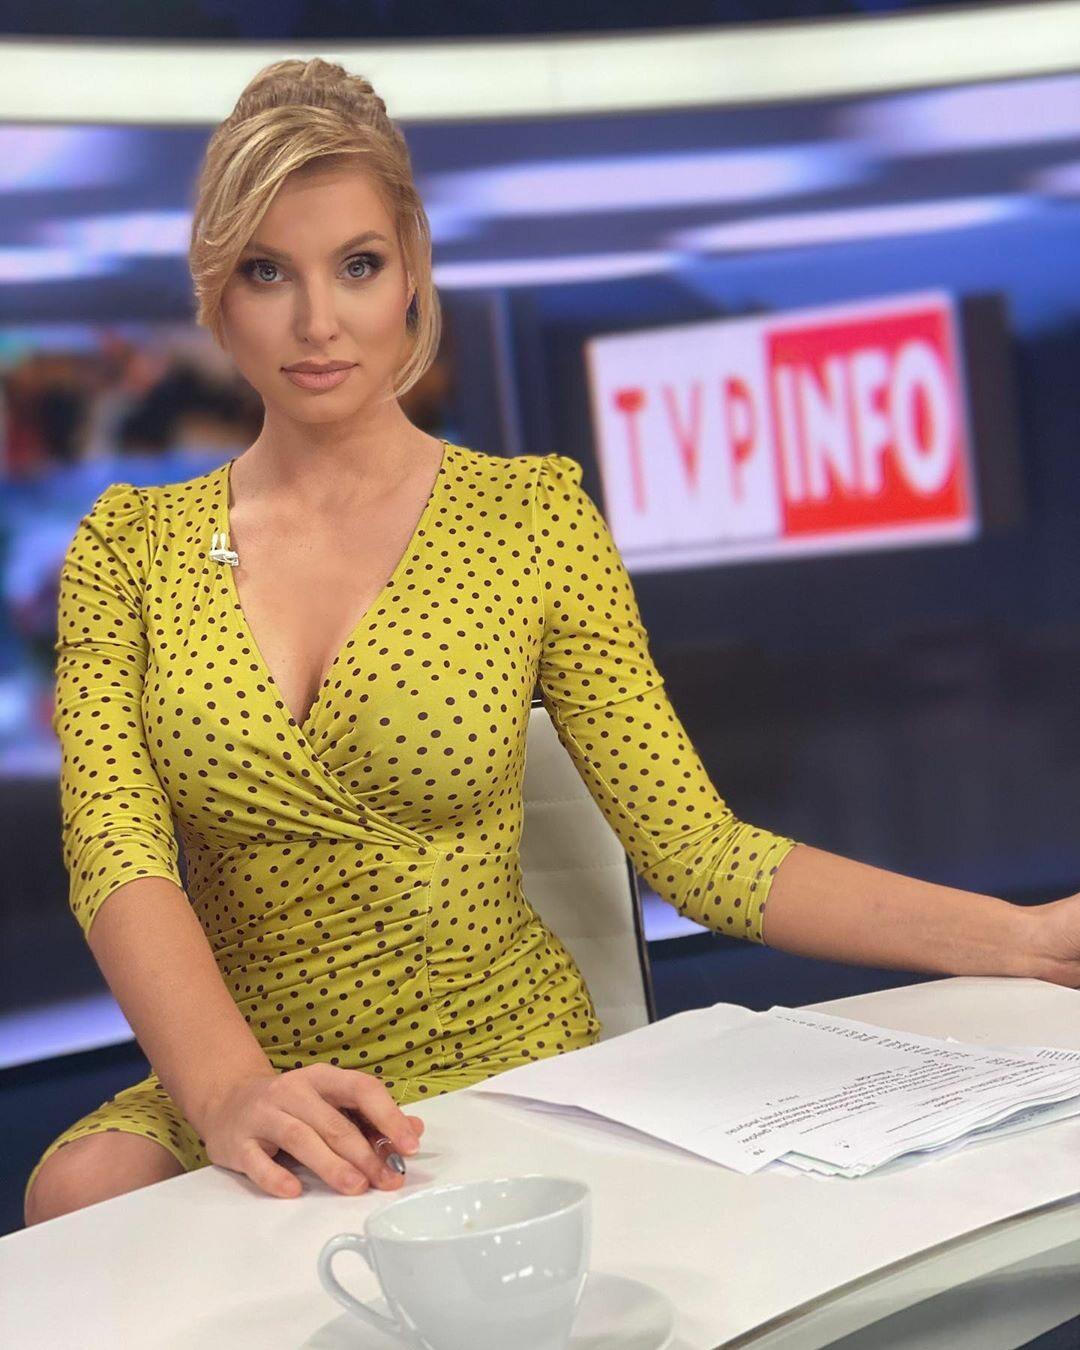 Karolina Pajączkowska z TVP Info na Instagramie komentuje aferę wokół swojego wyglądu